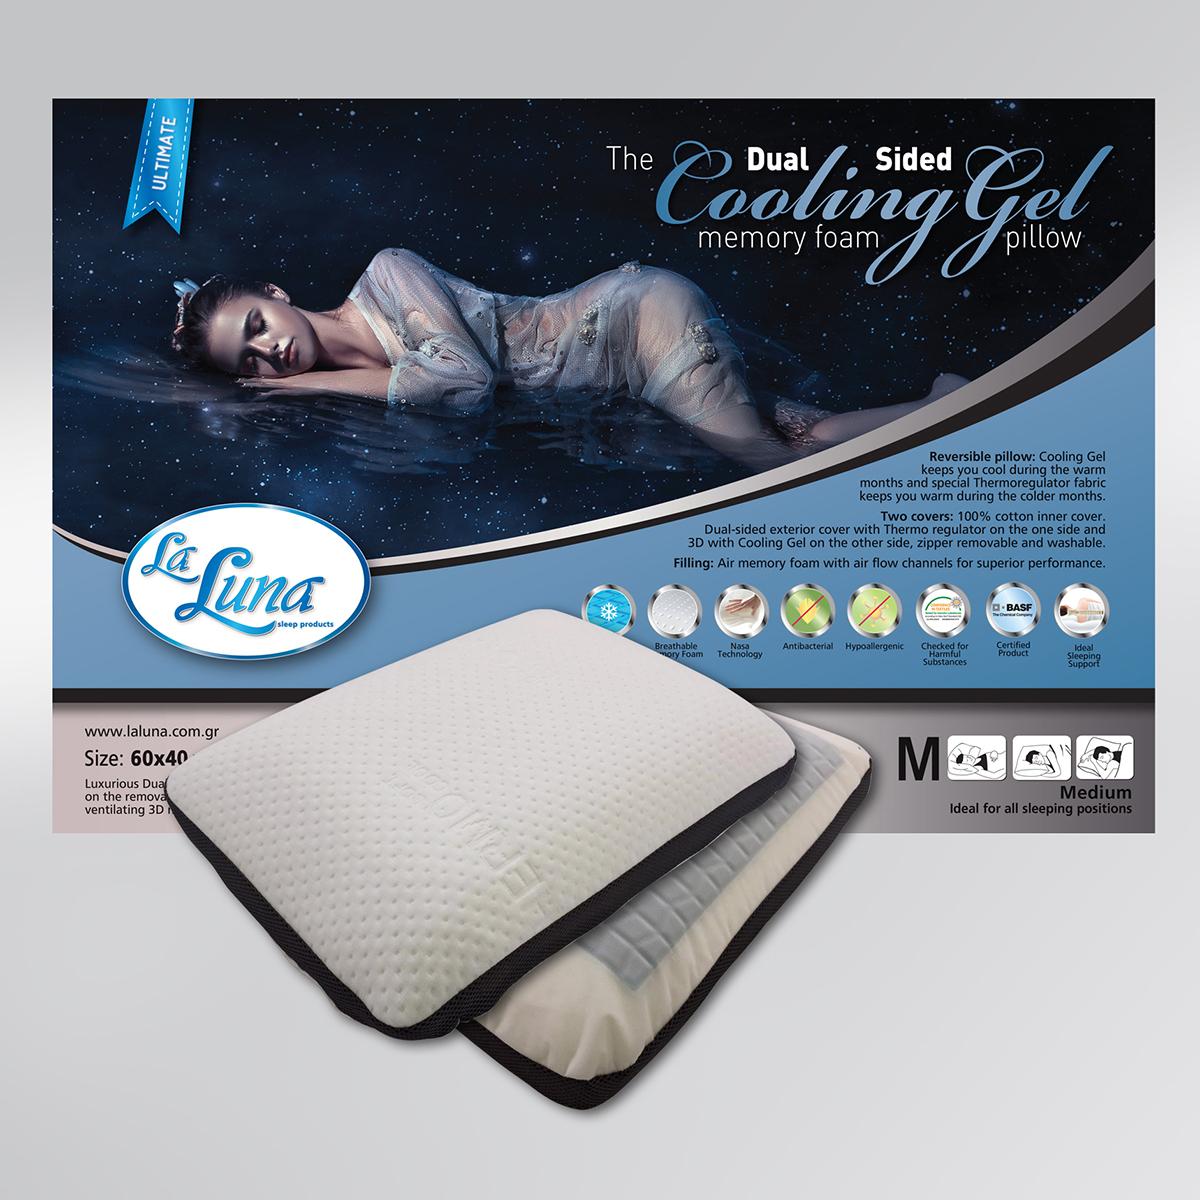 Μαξιλάρι Ύπνου Ανατομικό (60×40+12) La Luna Dual Sided Cooling Gel